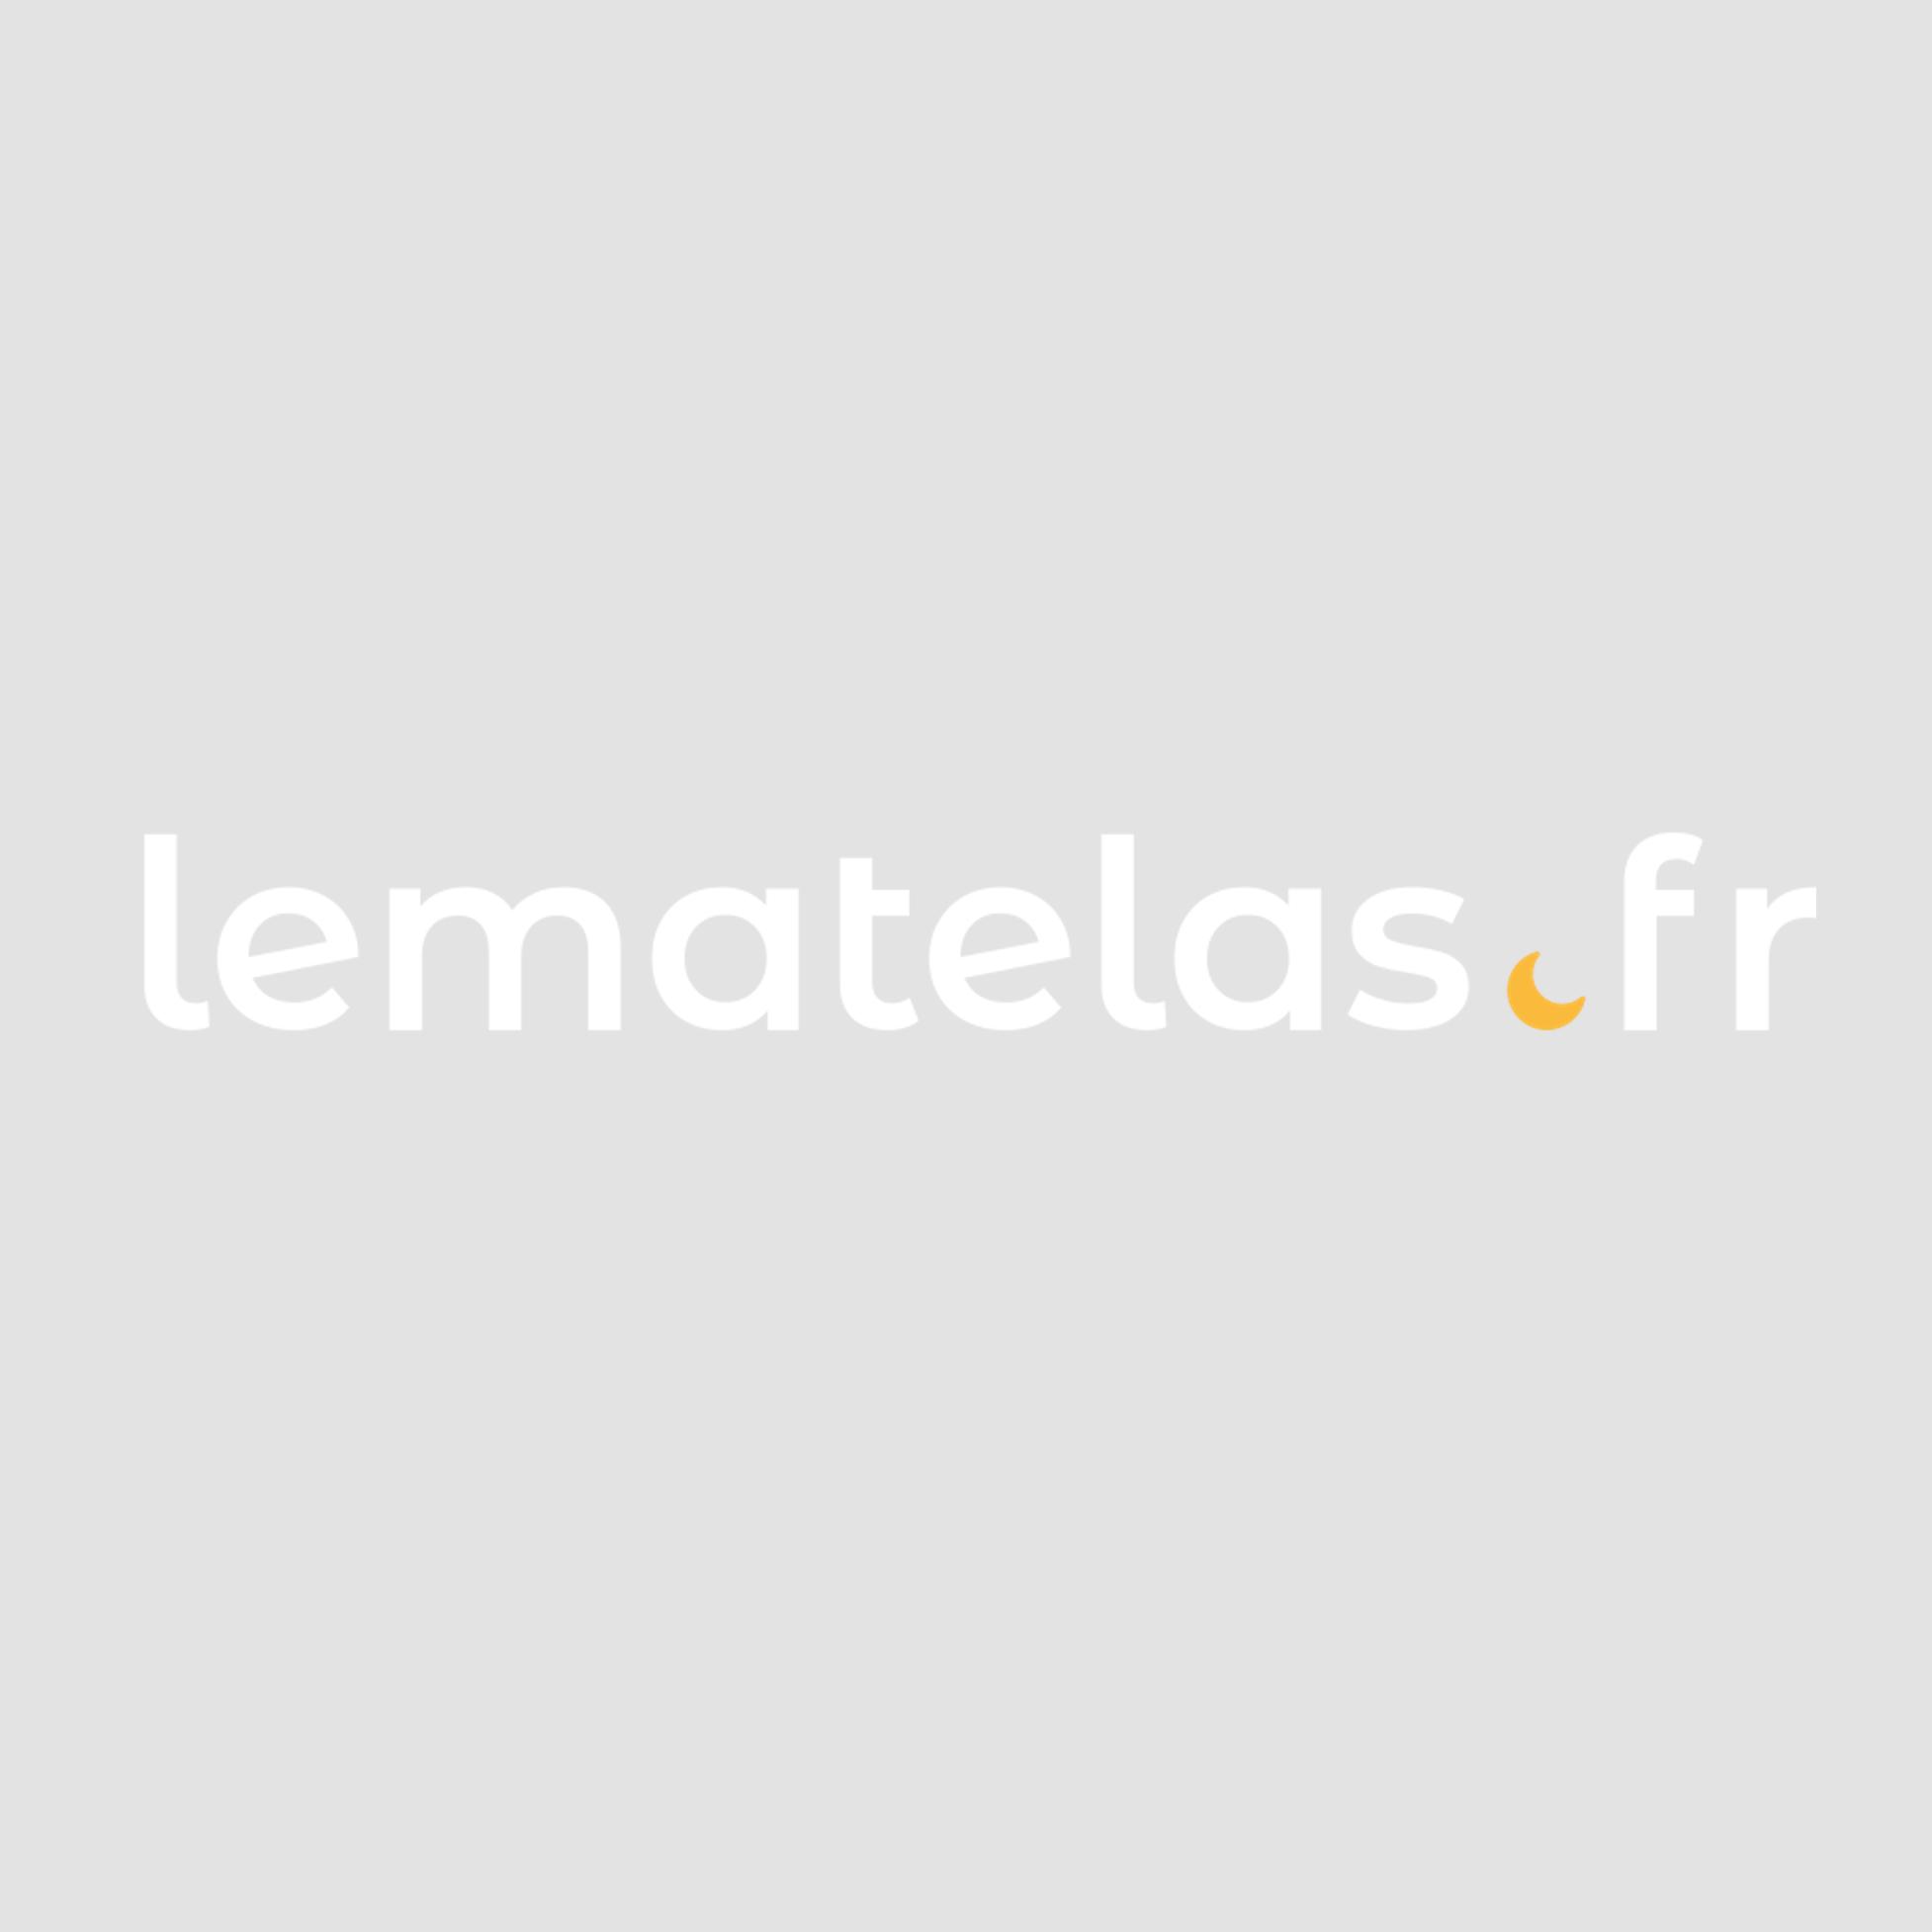 Drap housse bleu minéral 100% coton biologique bonnet 30 cm 120x190 cm - Hôtellerie